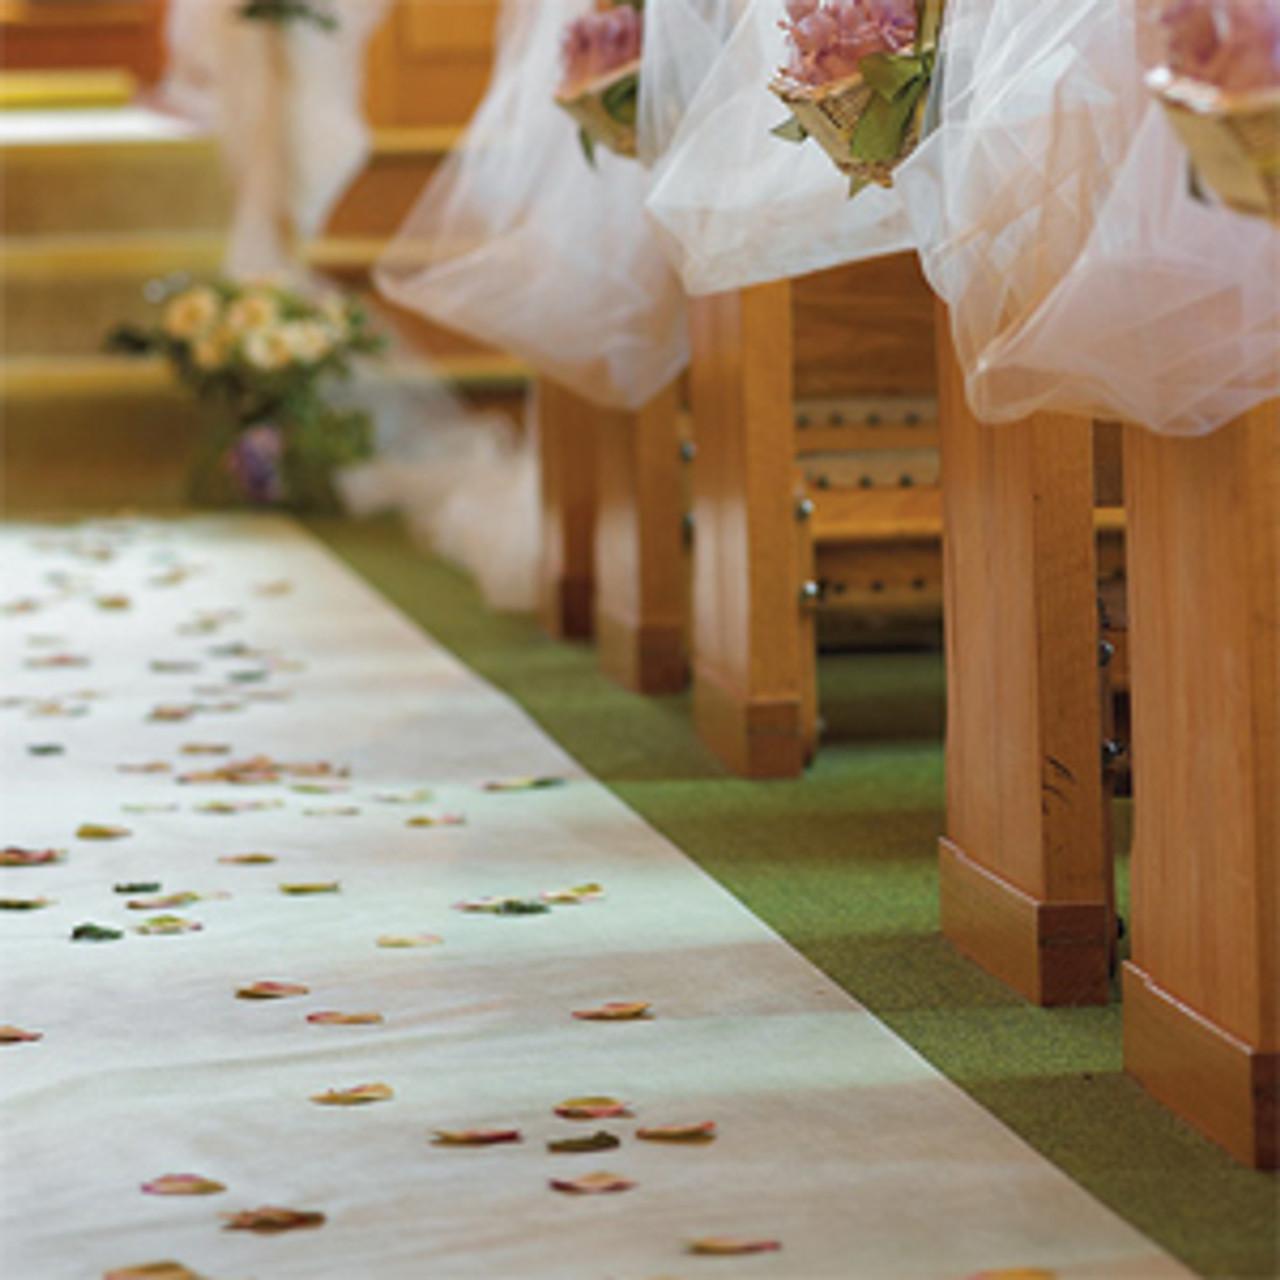 Wedding Aisle Runner Favors Flowers